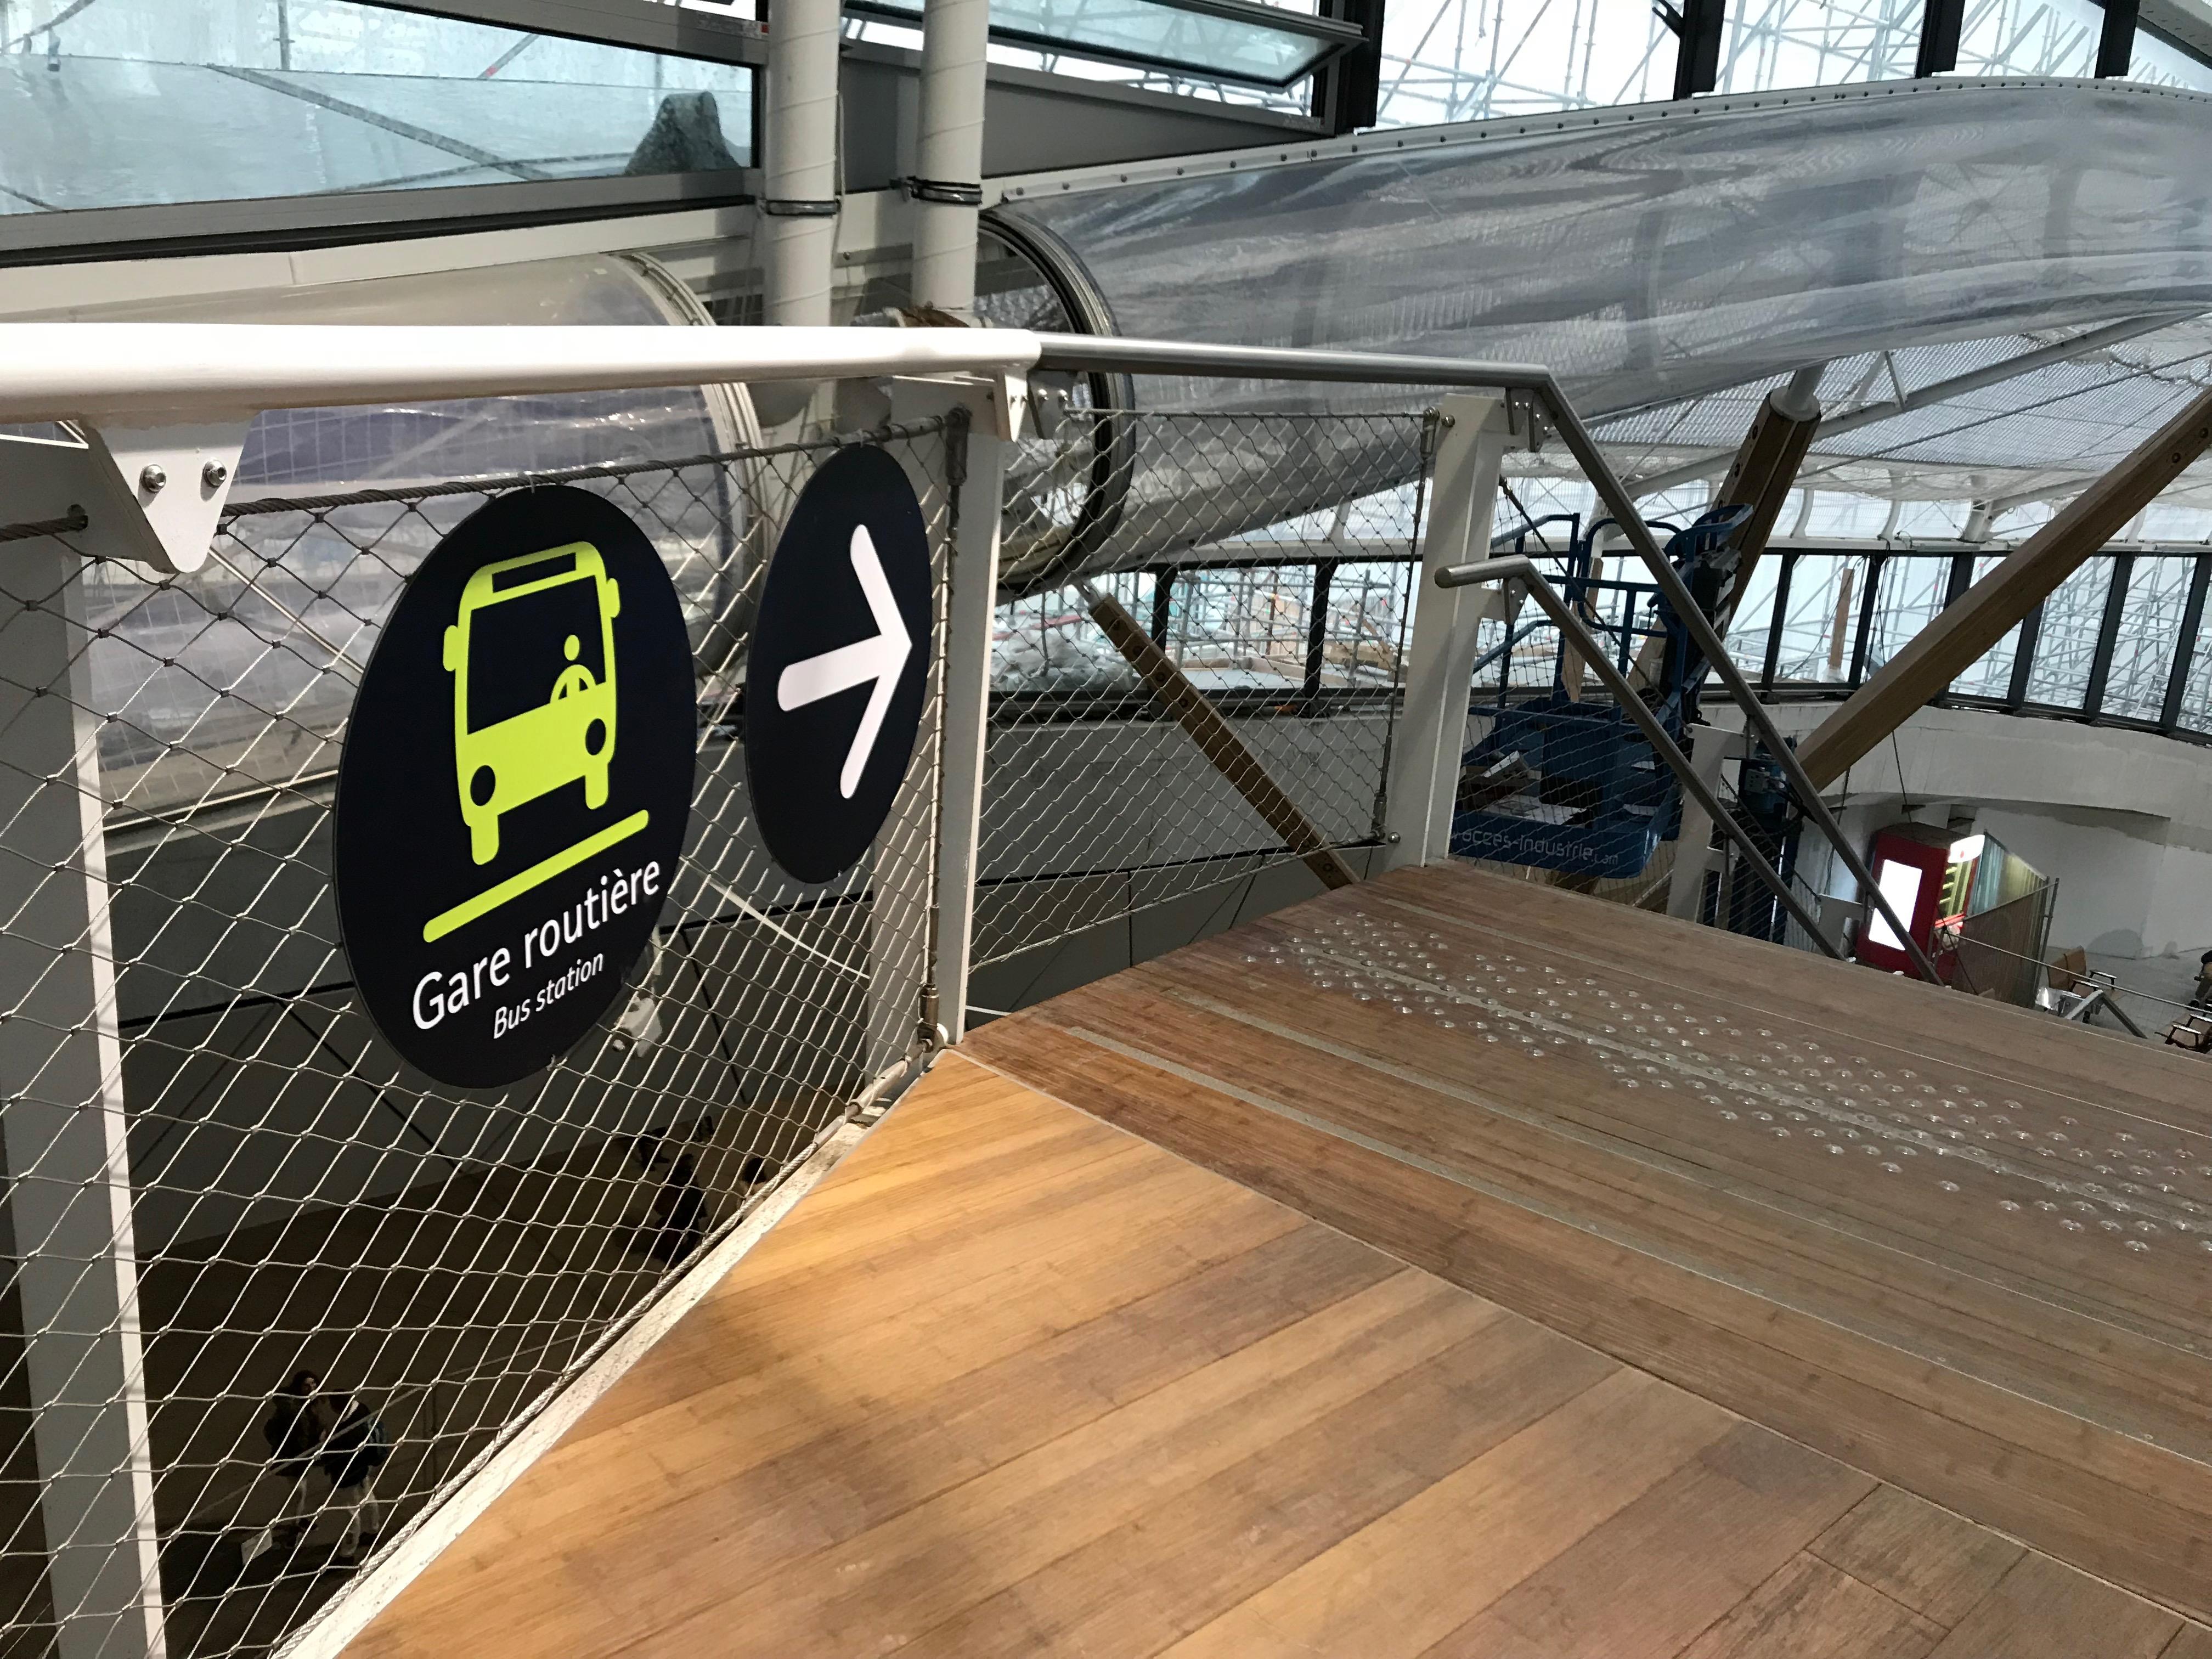 レンヌ駅バスターミナルへの看板